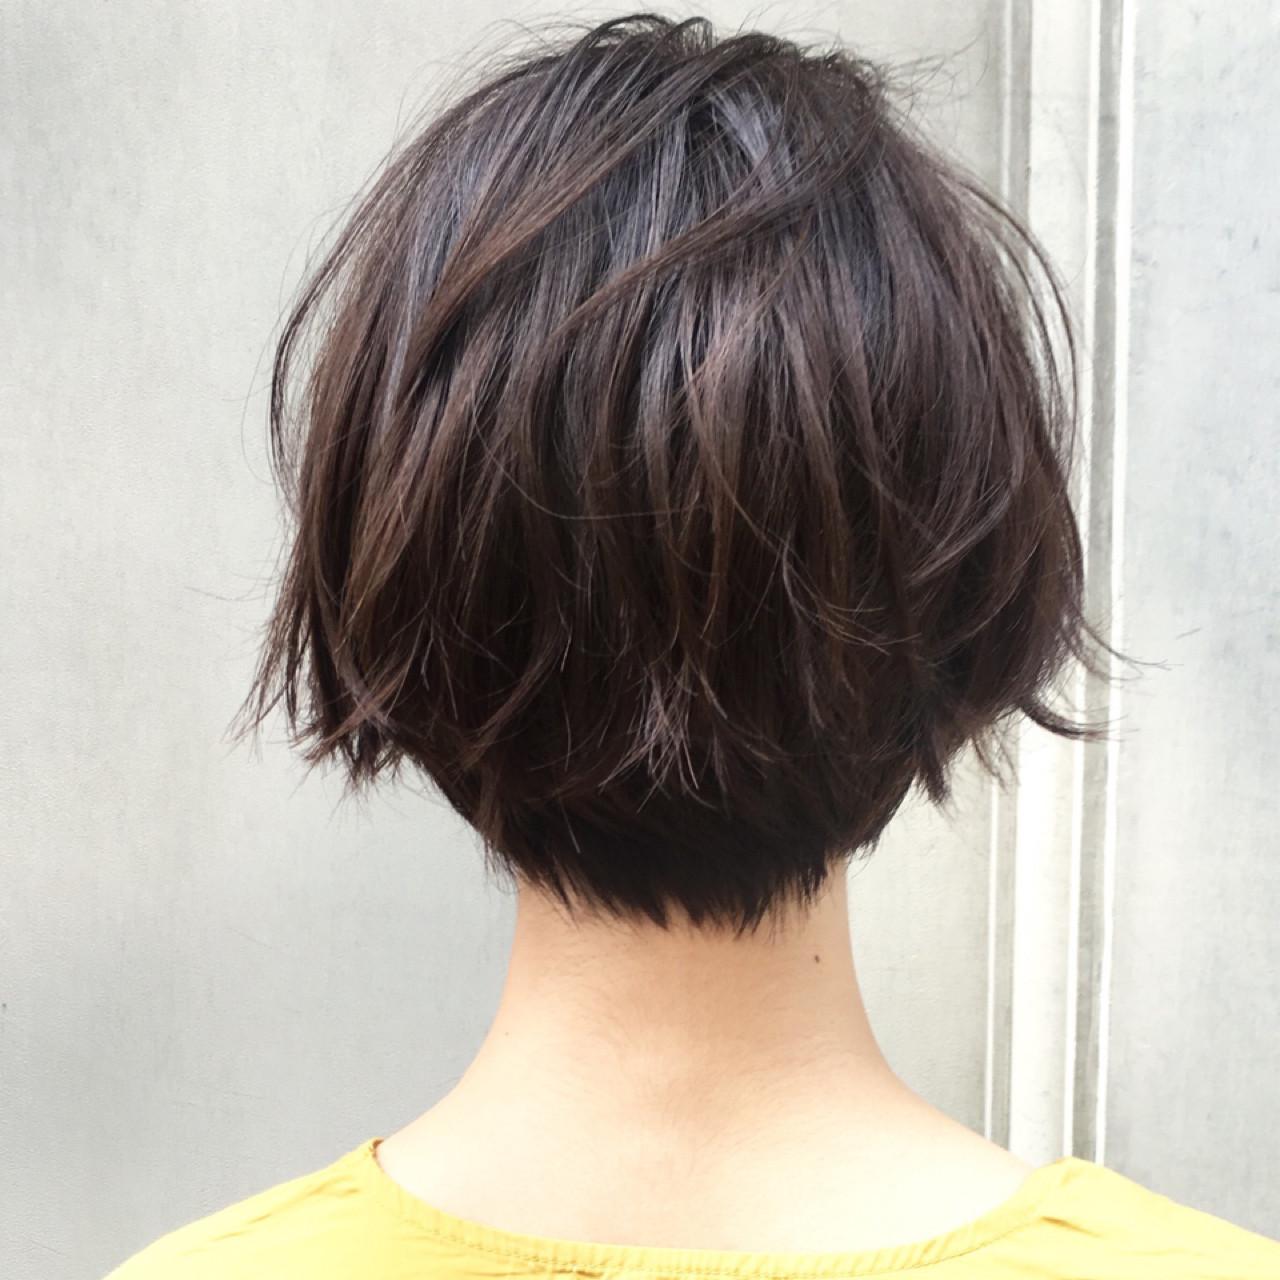 オフィス ナチュラル デート ショート ヘアスタイルや髪型の写真・画像 | ショートボブの匠【 山内大成 】『i.hair』 / 『 i. 』 omotesando